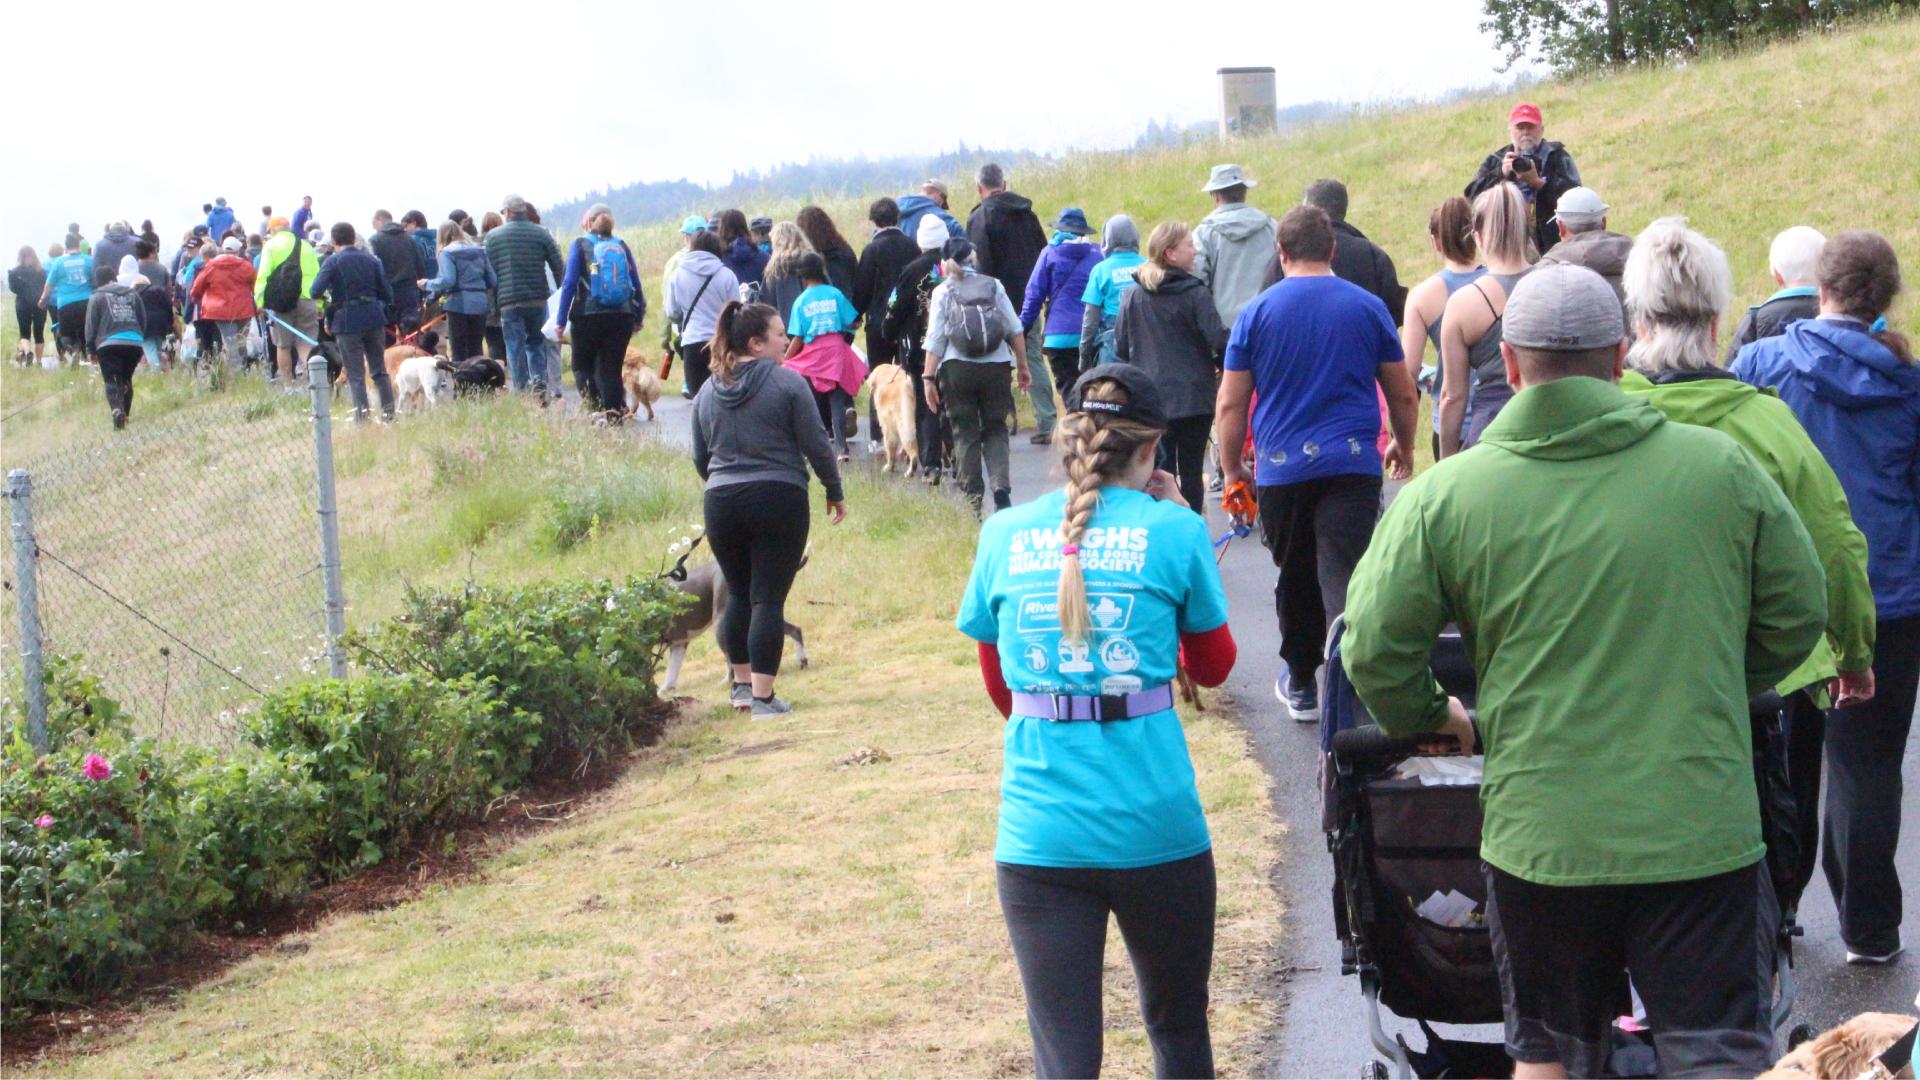 Crowd walking 2